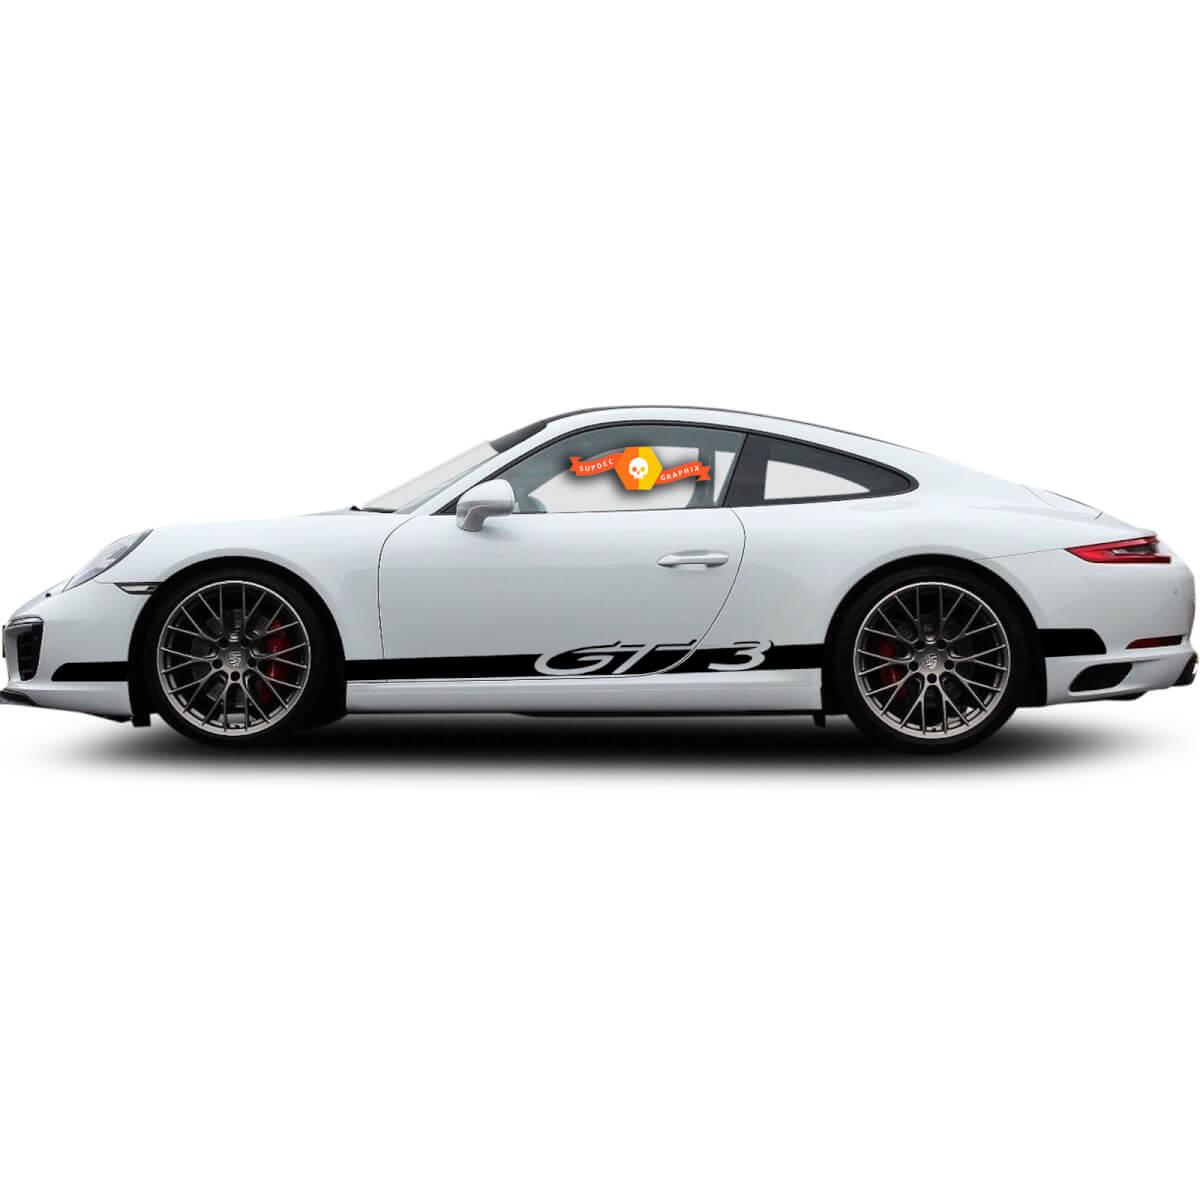 Porsche GT3 Racing Seitenstreifen Für Carrera Seitenstreifen